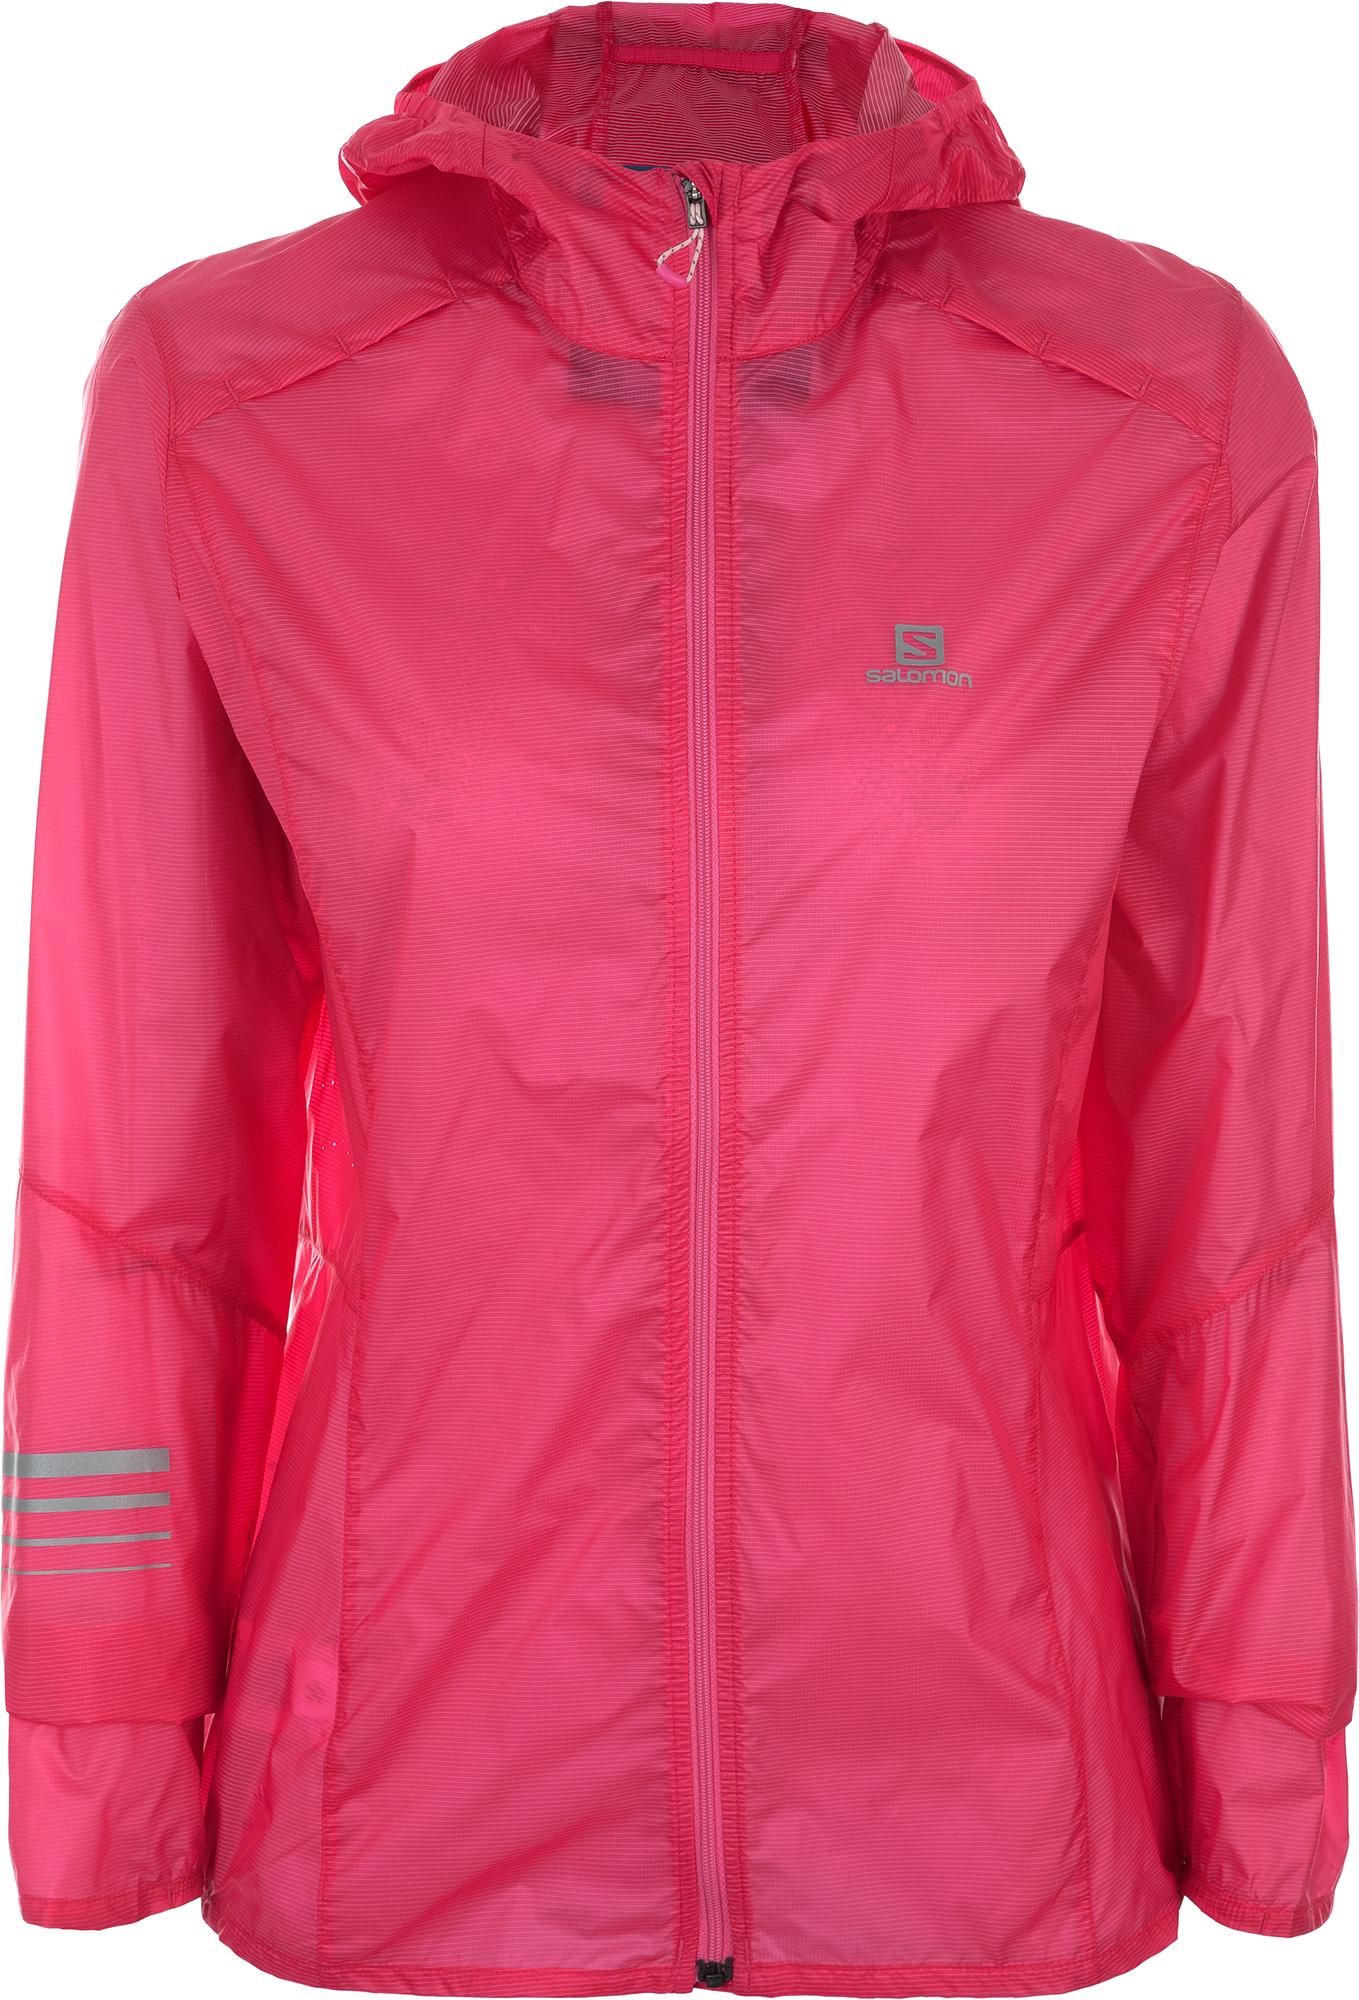 Salomon Ветровка женская Salomon Lightning Wind, размер 48-50 ветровка женская puma lastlap graphic jacket w цвет розовый 51666703 размер xl 48 50